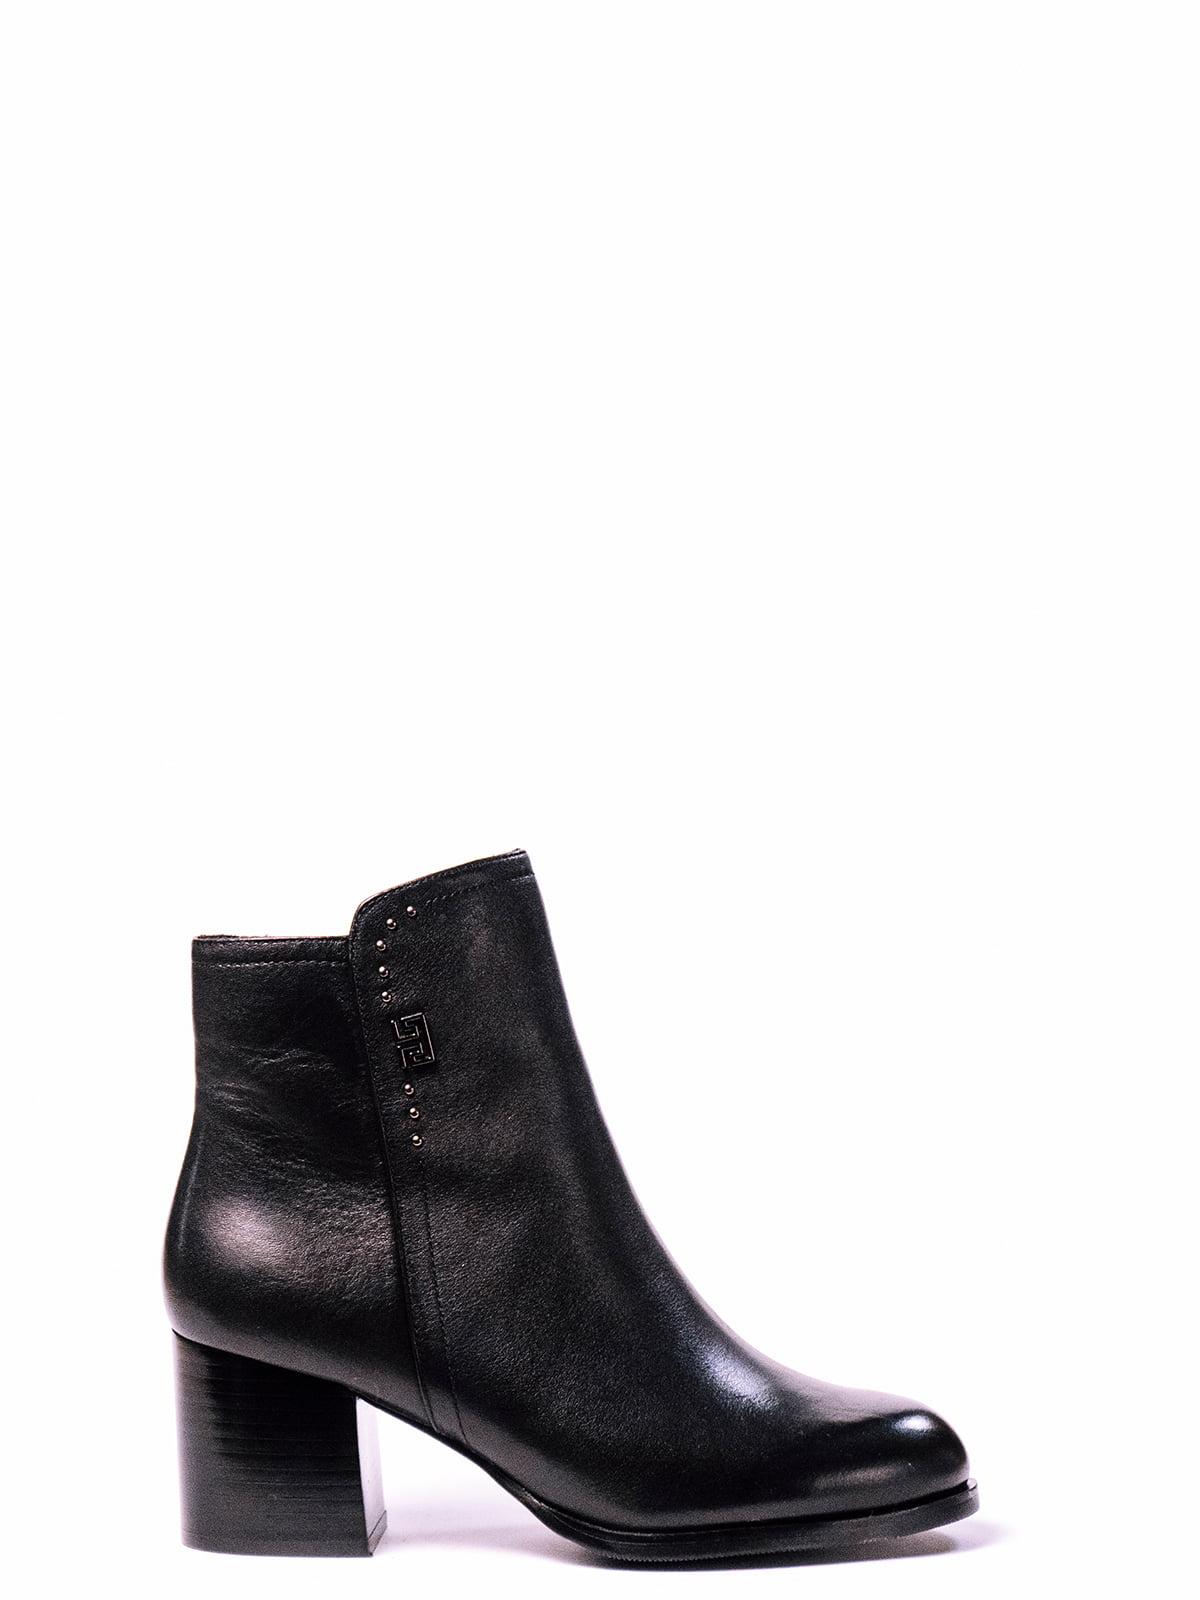 Ботинки черные | 4860379 | фото 2